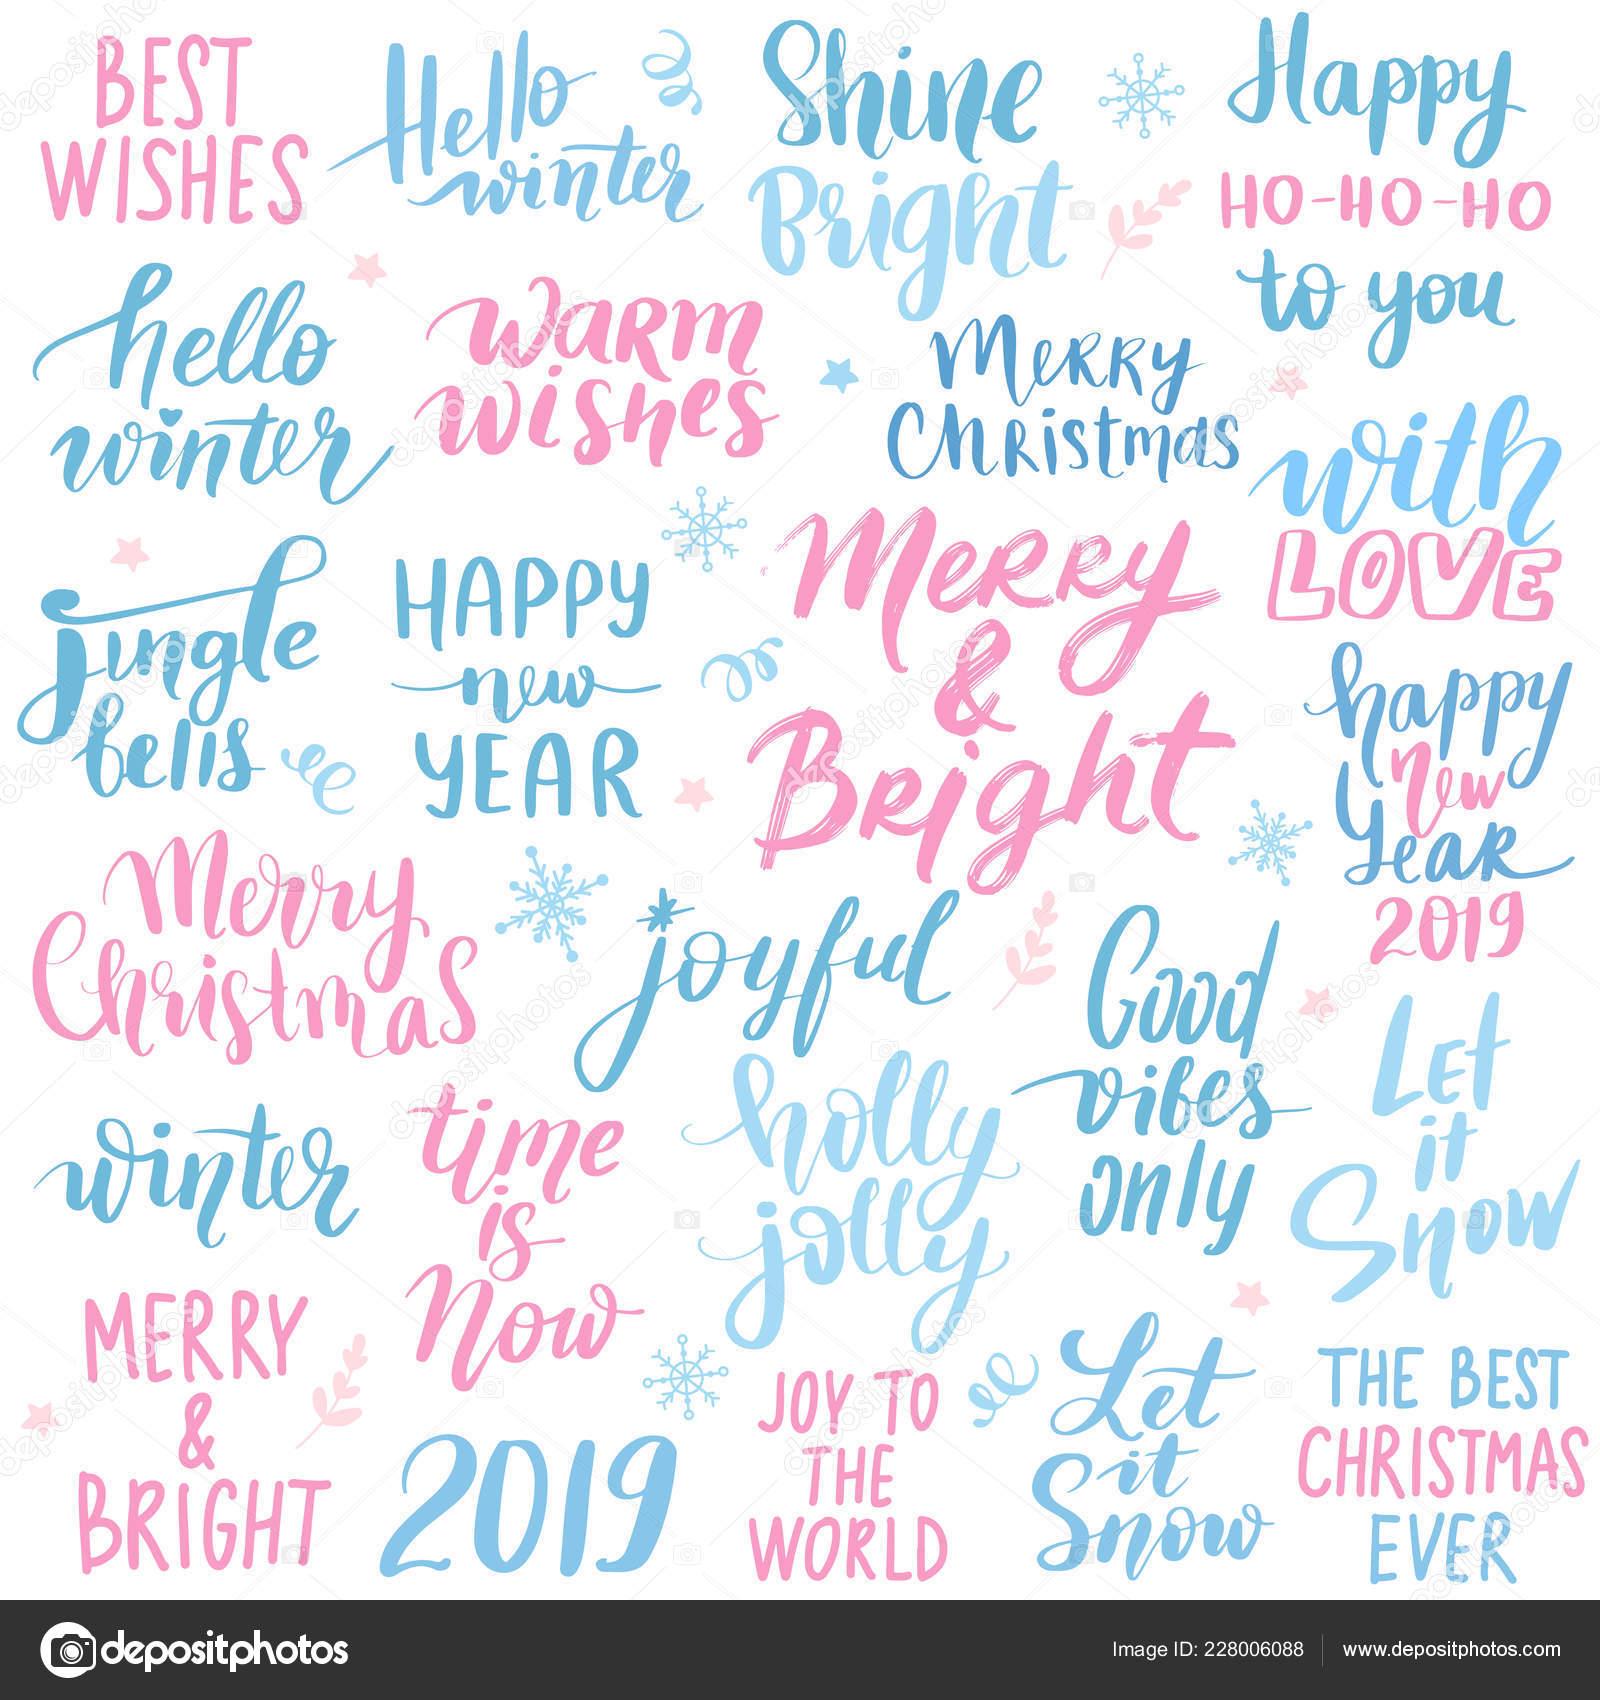 Angebote Urlaub Weihnachten 2019.Festlegen Sie Frohe Weihnachten Und Ein Glückliches Neues Jahr 2019